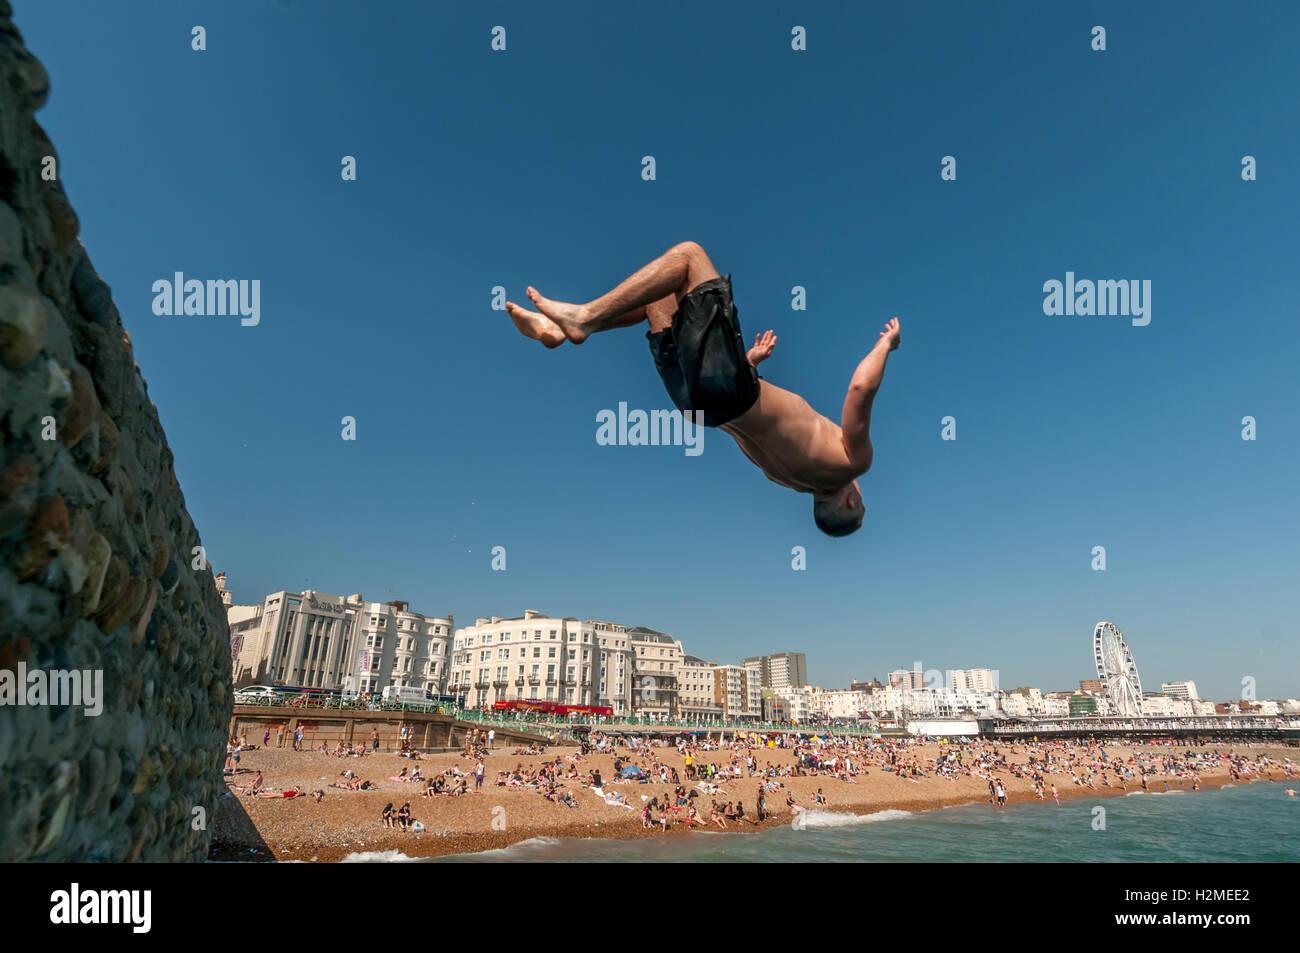 Junge Leute springen ins Meer von Banjo Buhne auf Brighton beach Stockbild